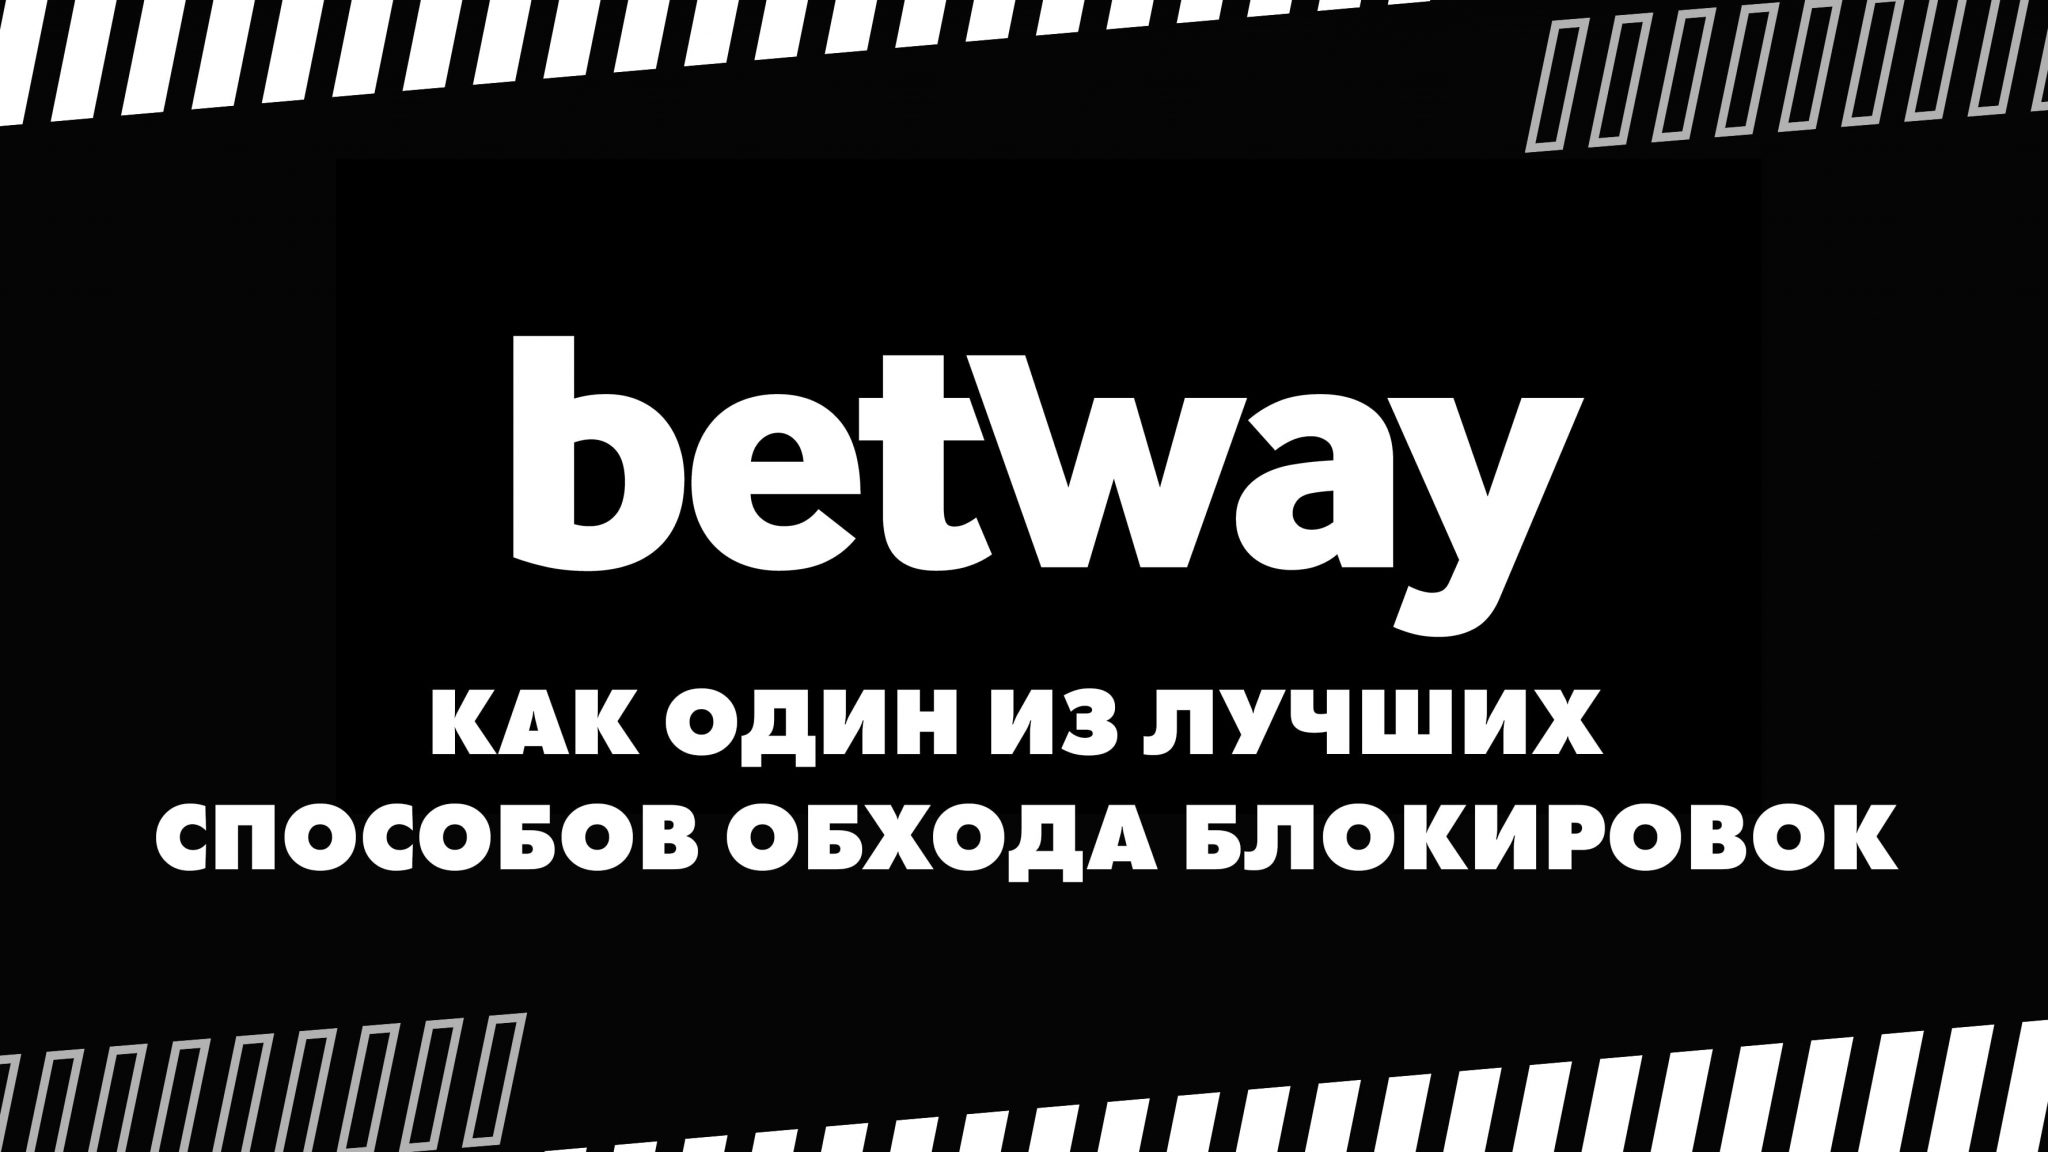 Зеркало Betway — как один зи лучших способов обхода блокировок